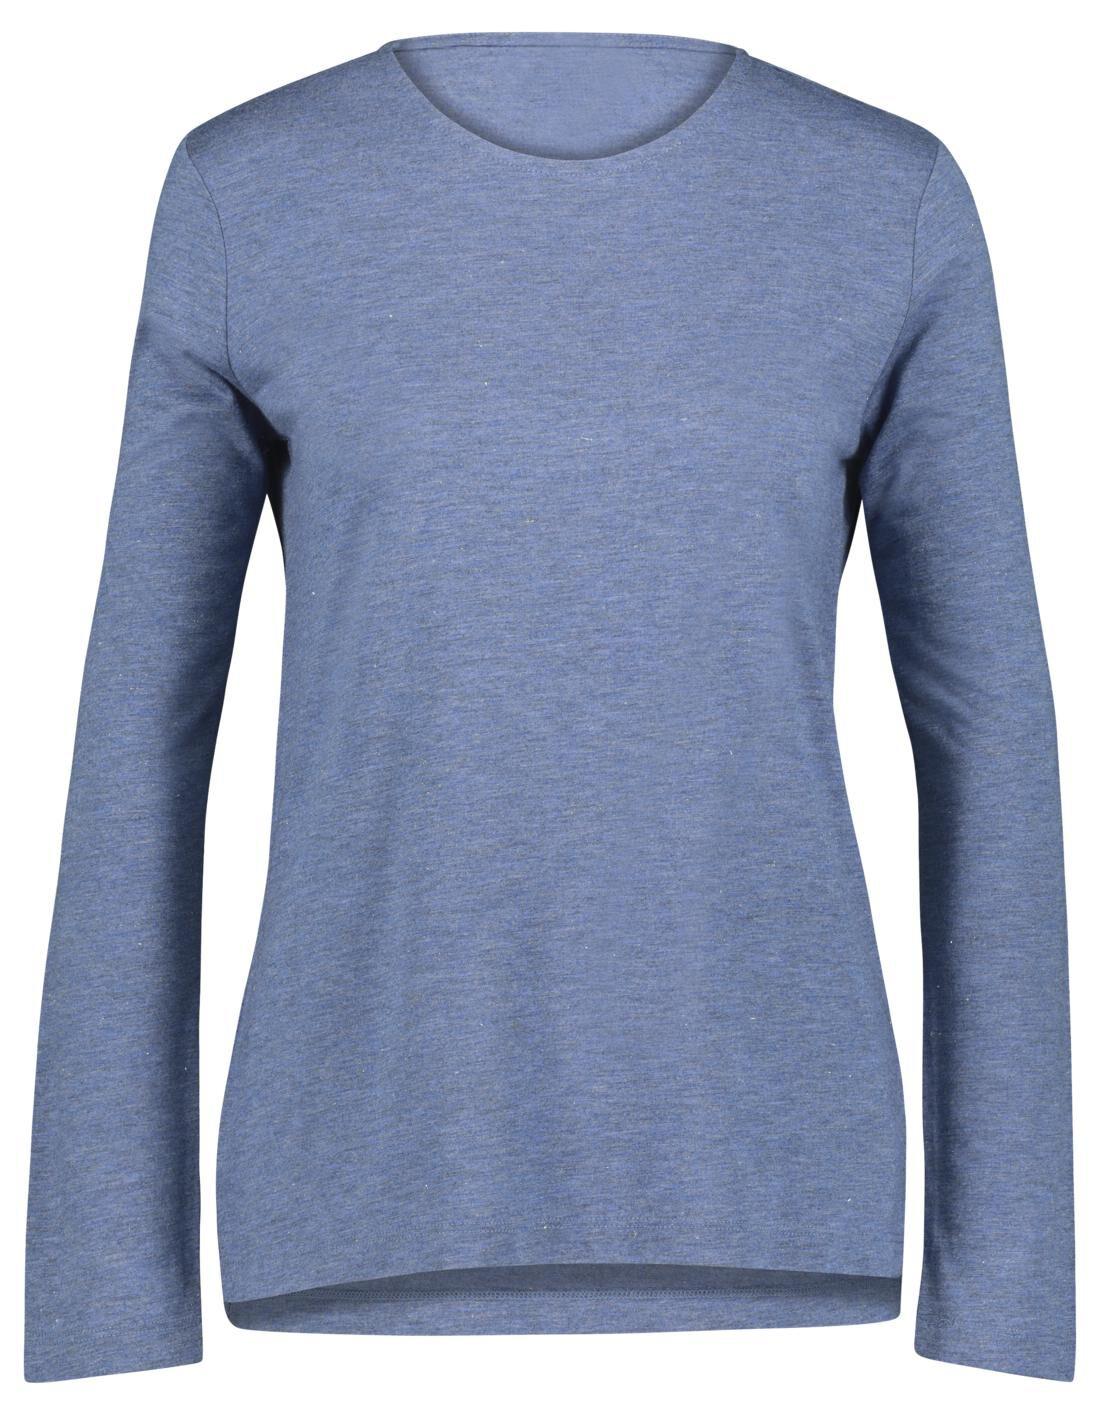 HEMA Dames T-shirt Met Glitter Blauw (blauw)